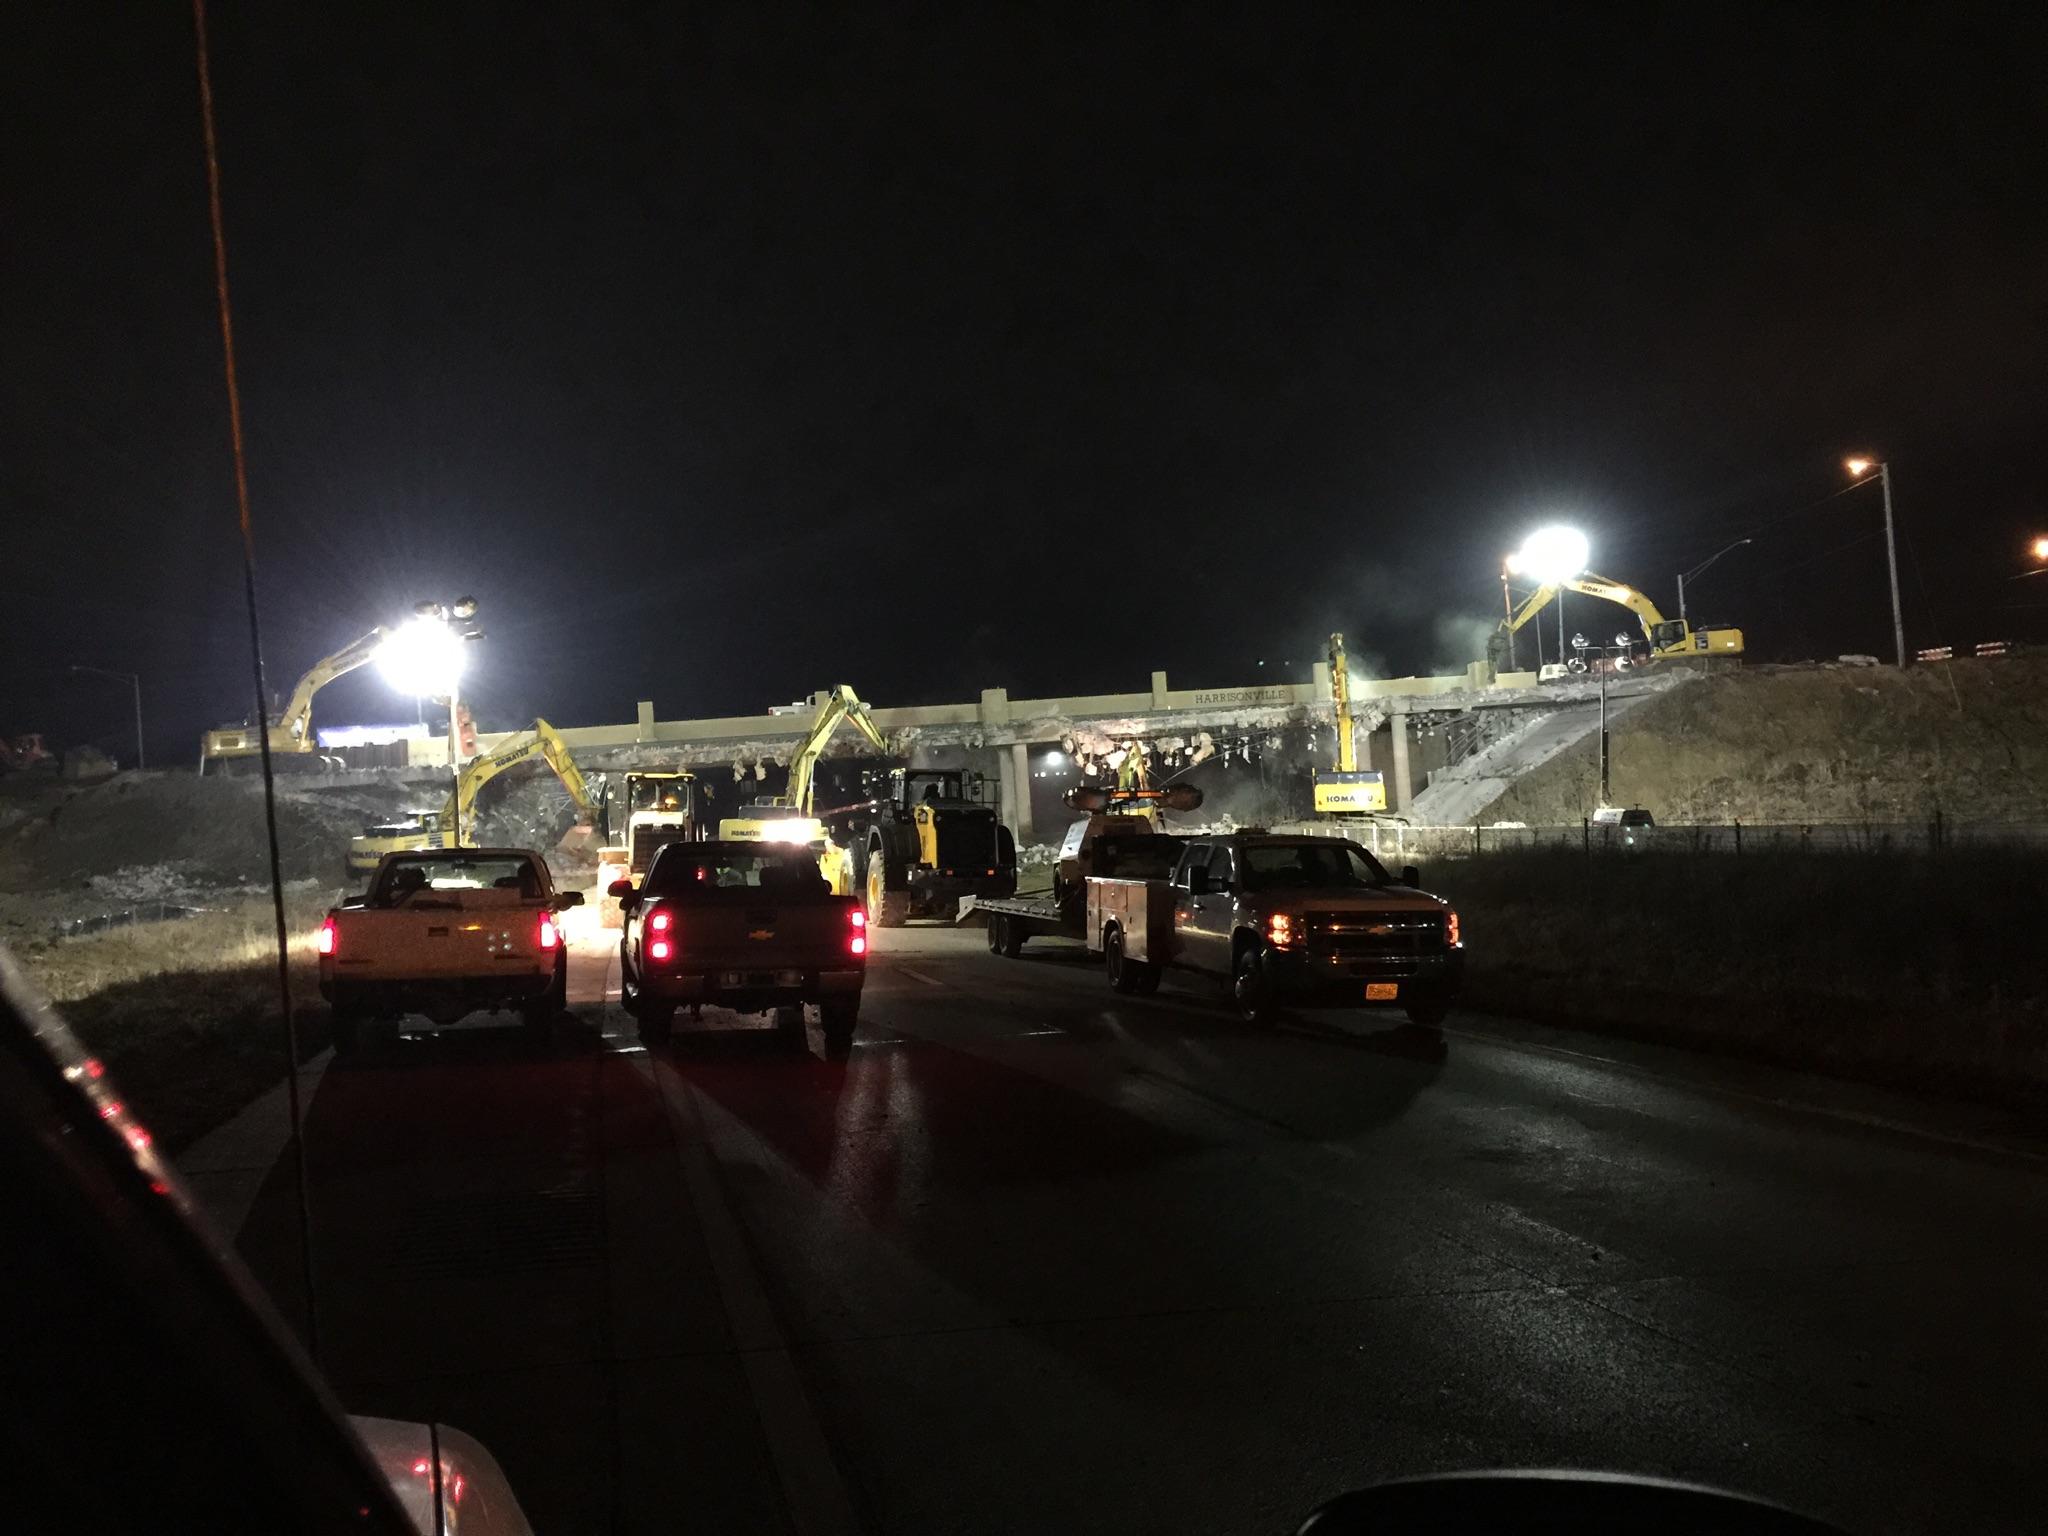 Rte. 291 bridge demo over I-49, Harrisonville, MO